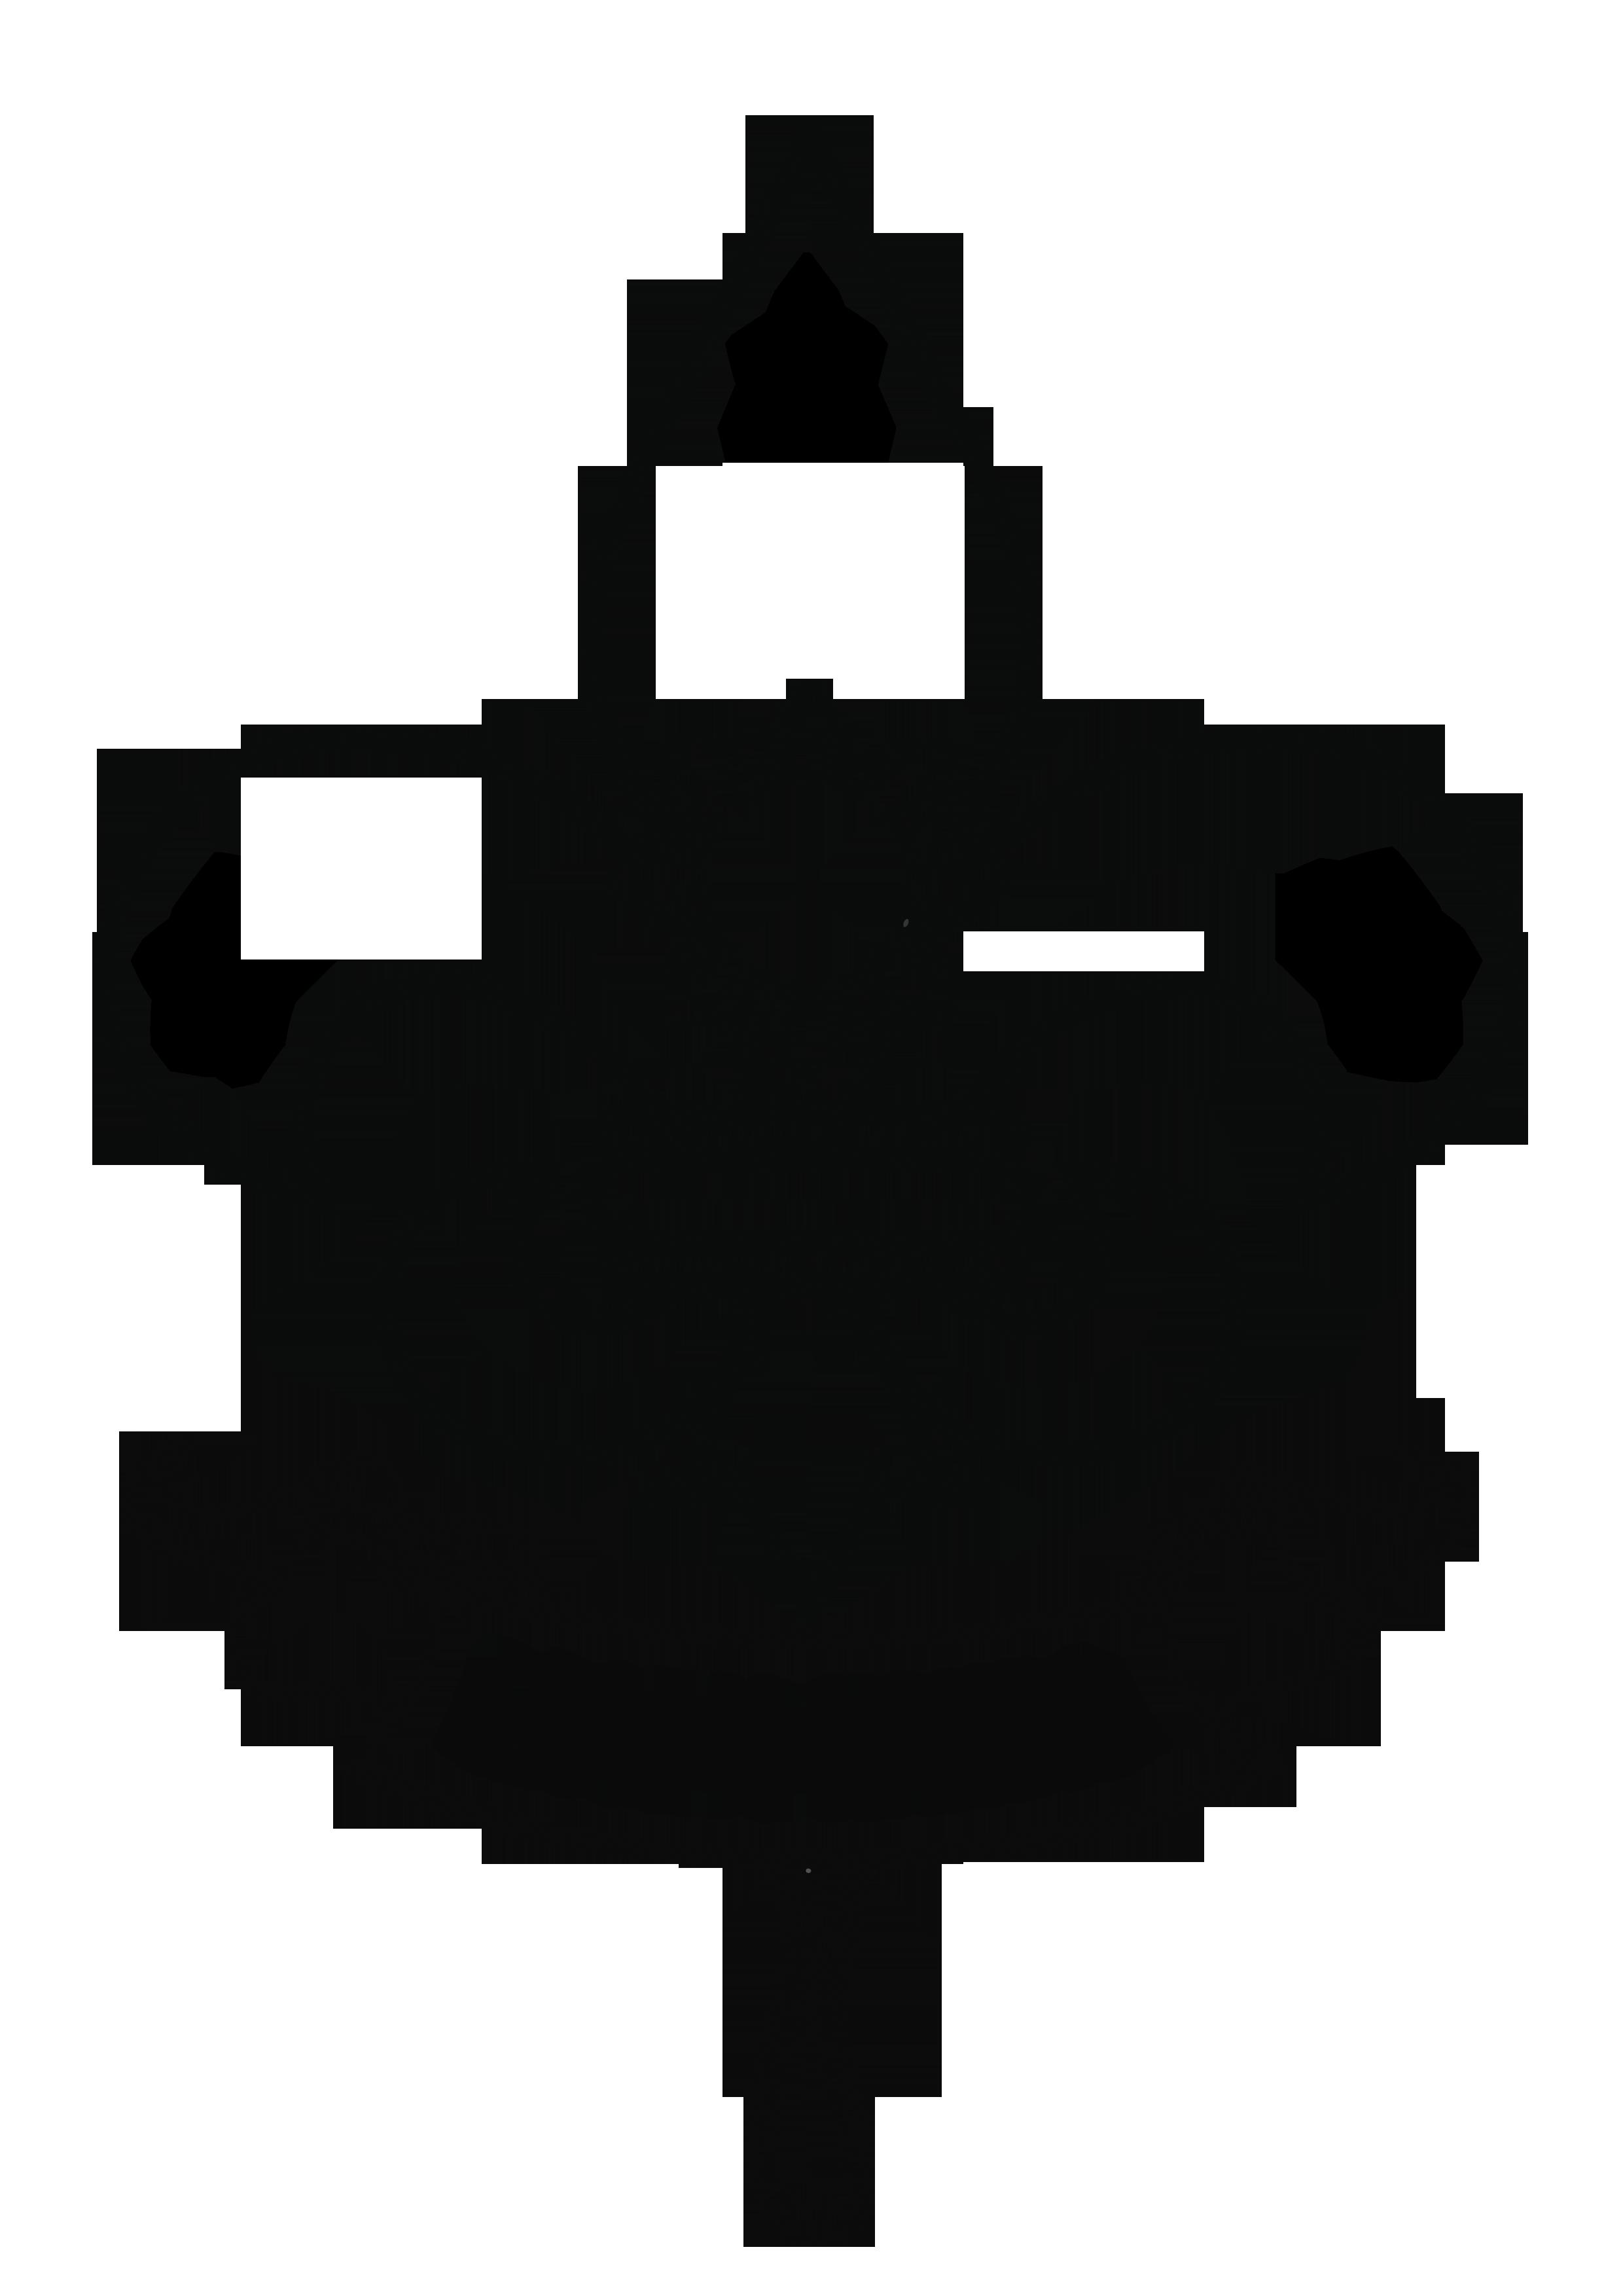 logo to vector services for BSP Laguna council Handa, Artist